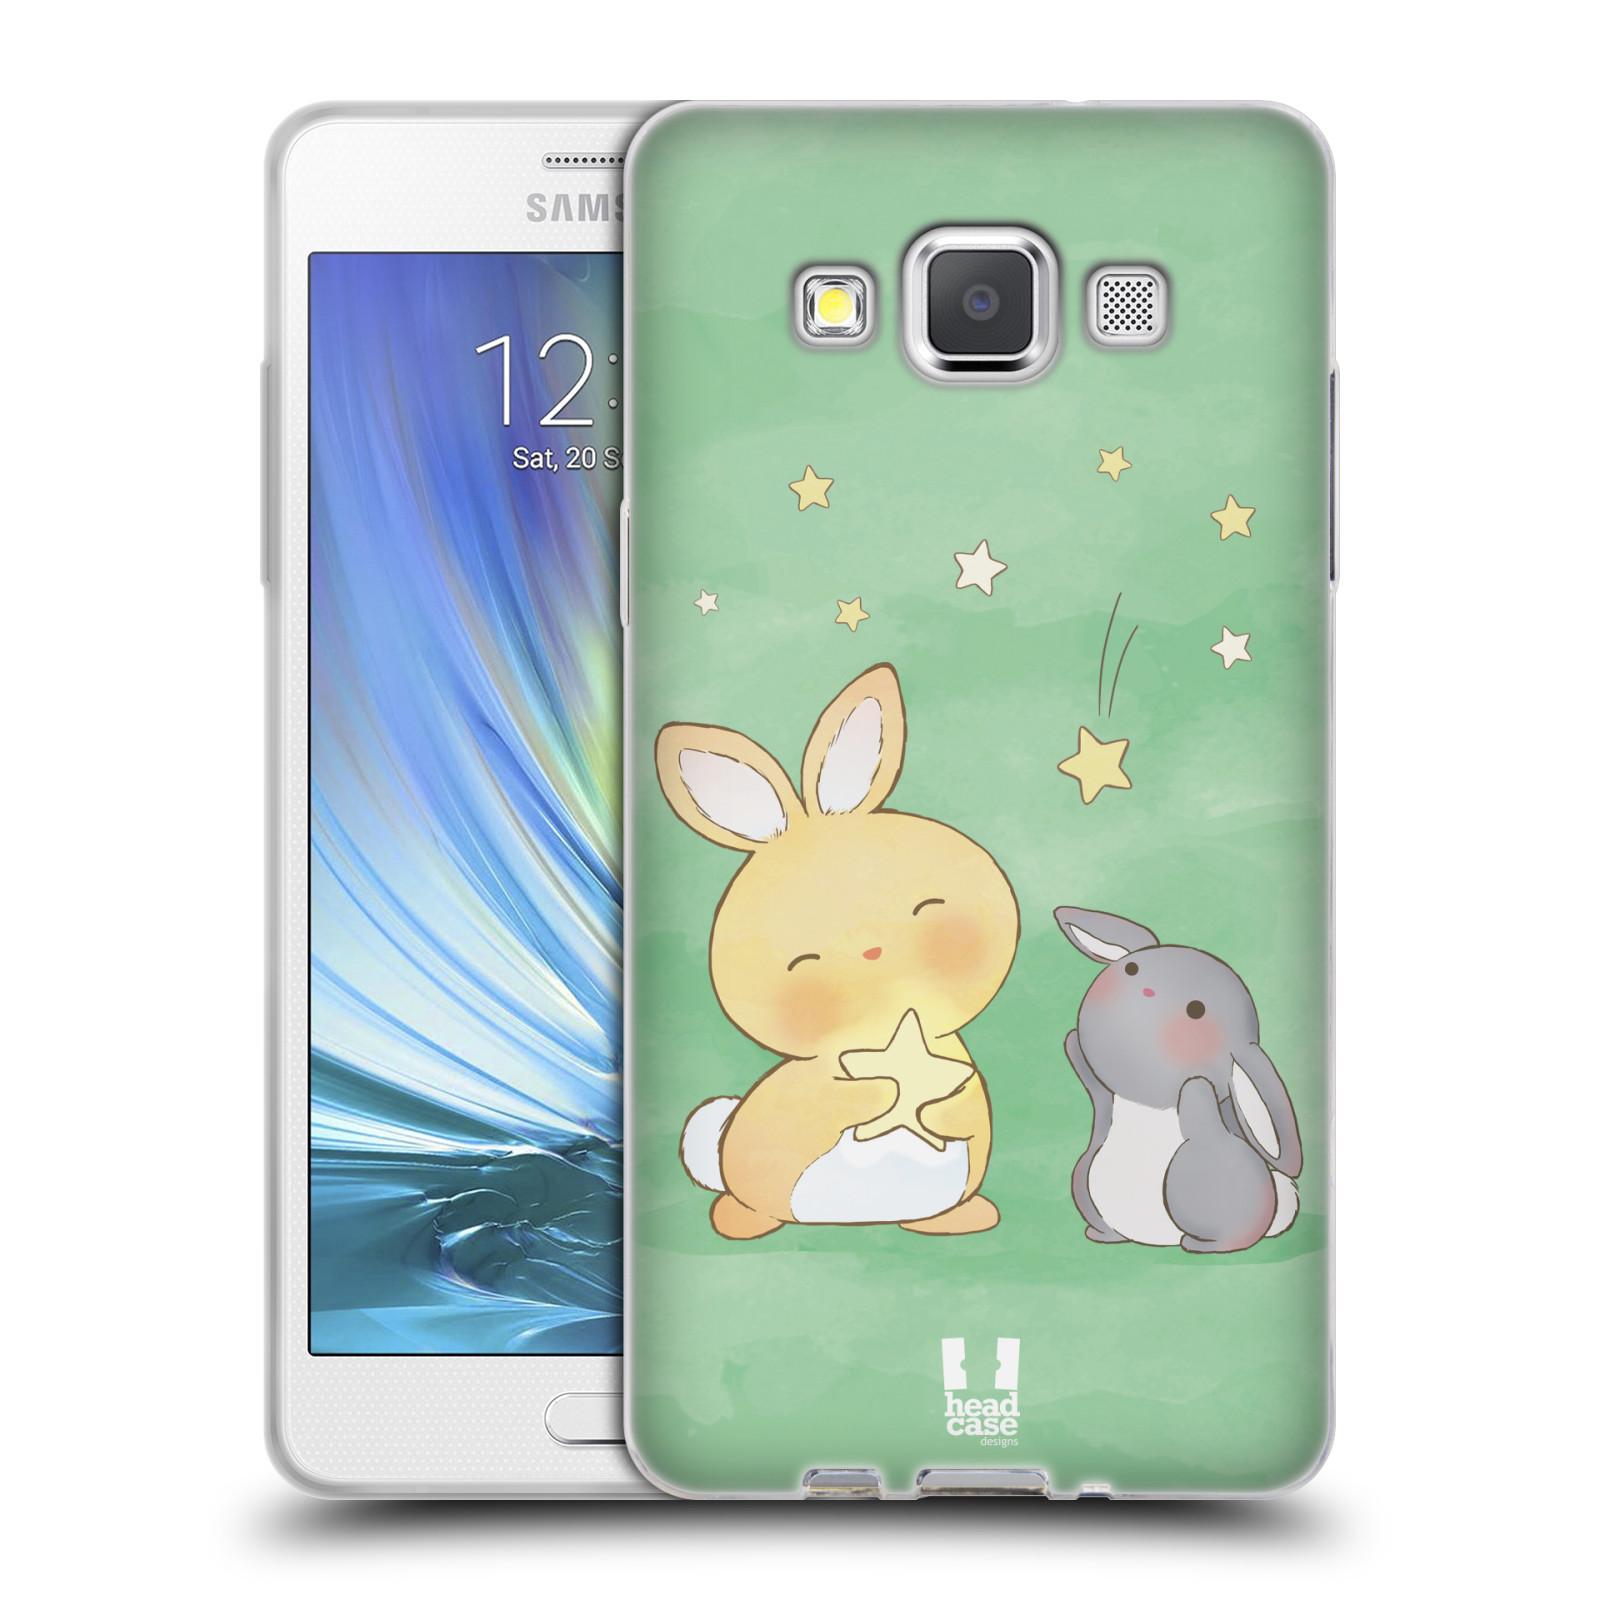 HEAD CASE silikonový obal na mobil Samsung Galaxy A5 vzor králíček a hvězdy zelená